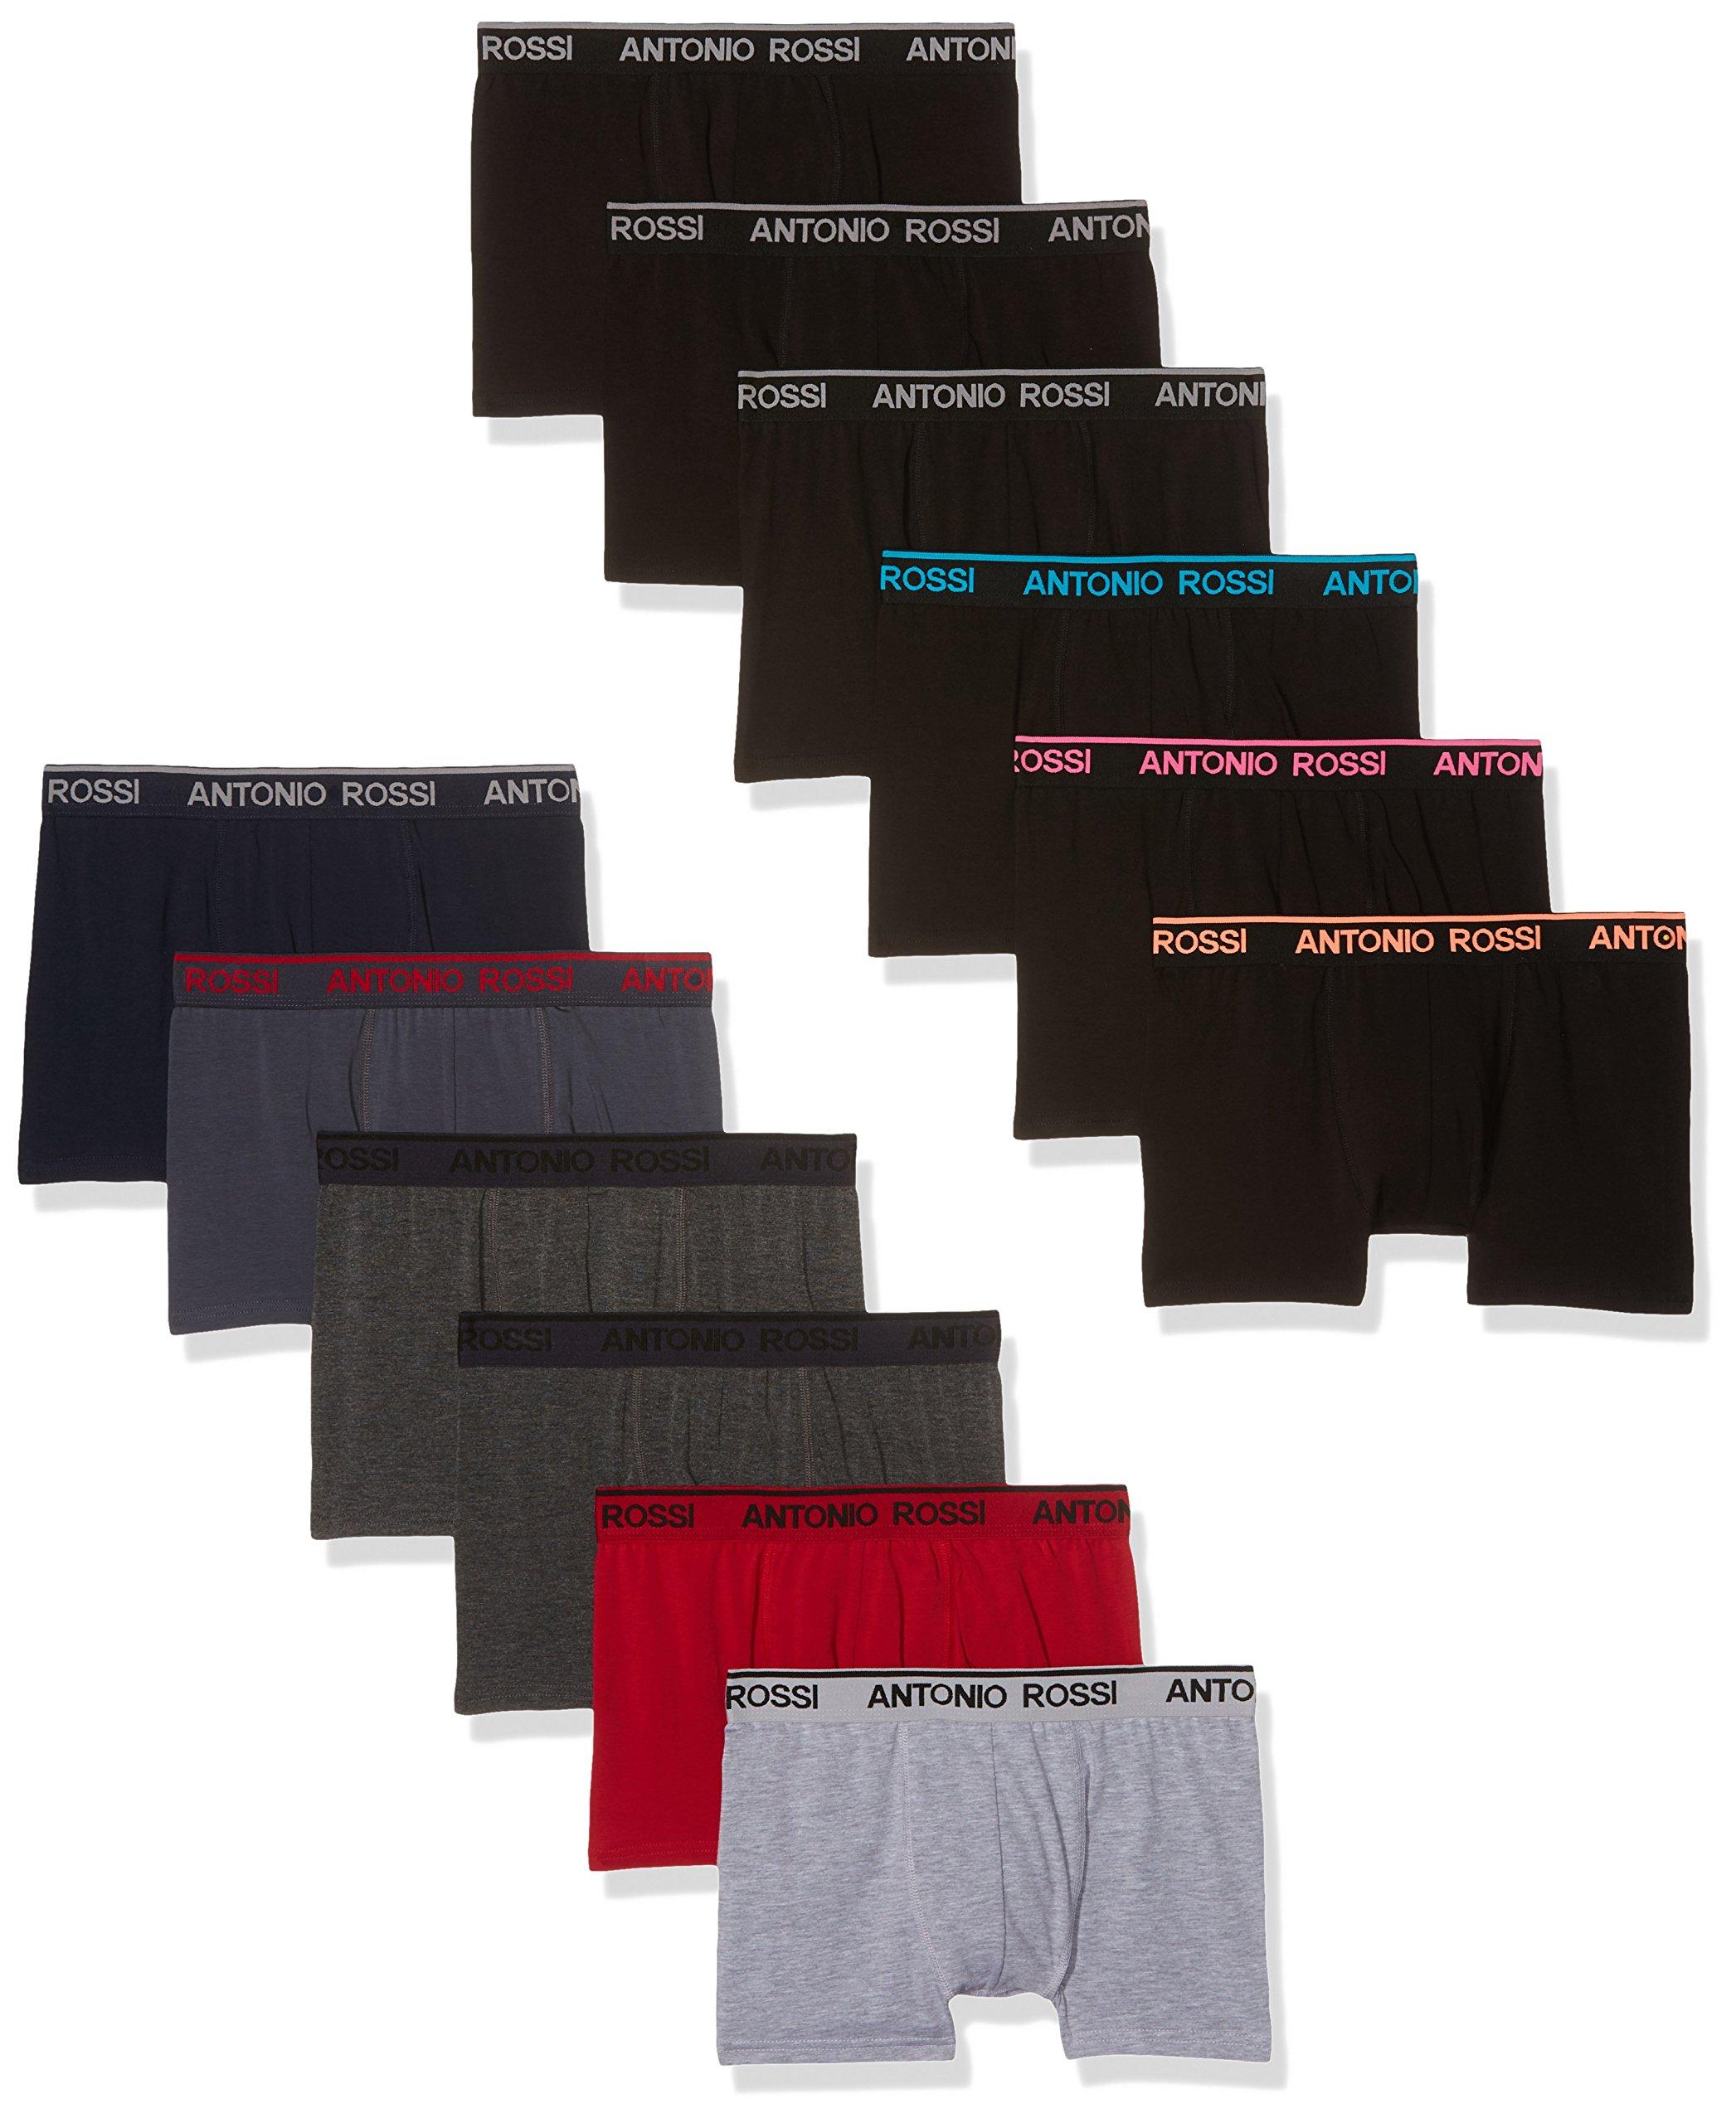 FM London Boxer Hipster Premium riches en coton, muni de malles, Sous vêtements pour Hommes - Lot de 12